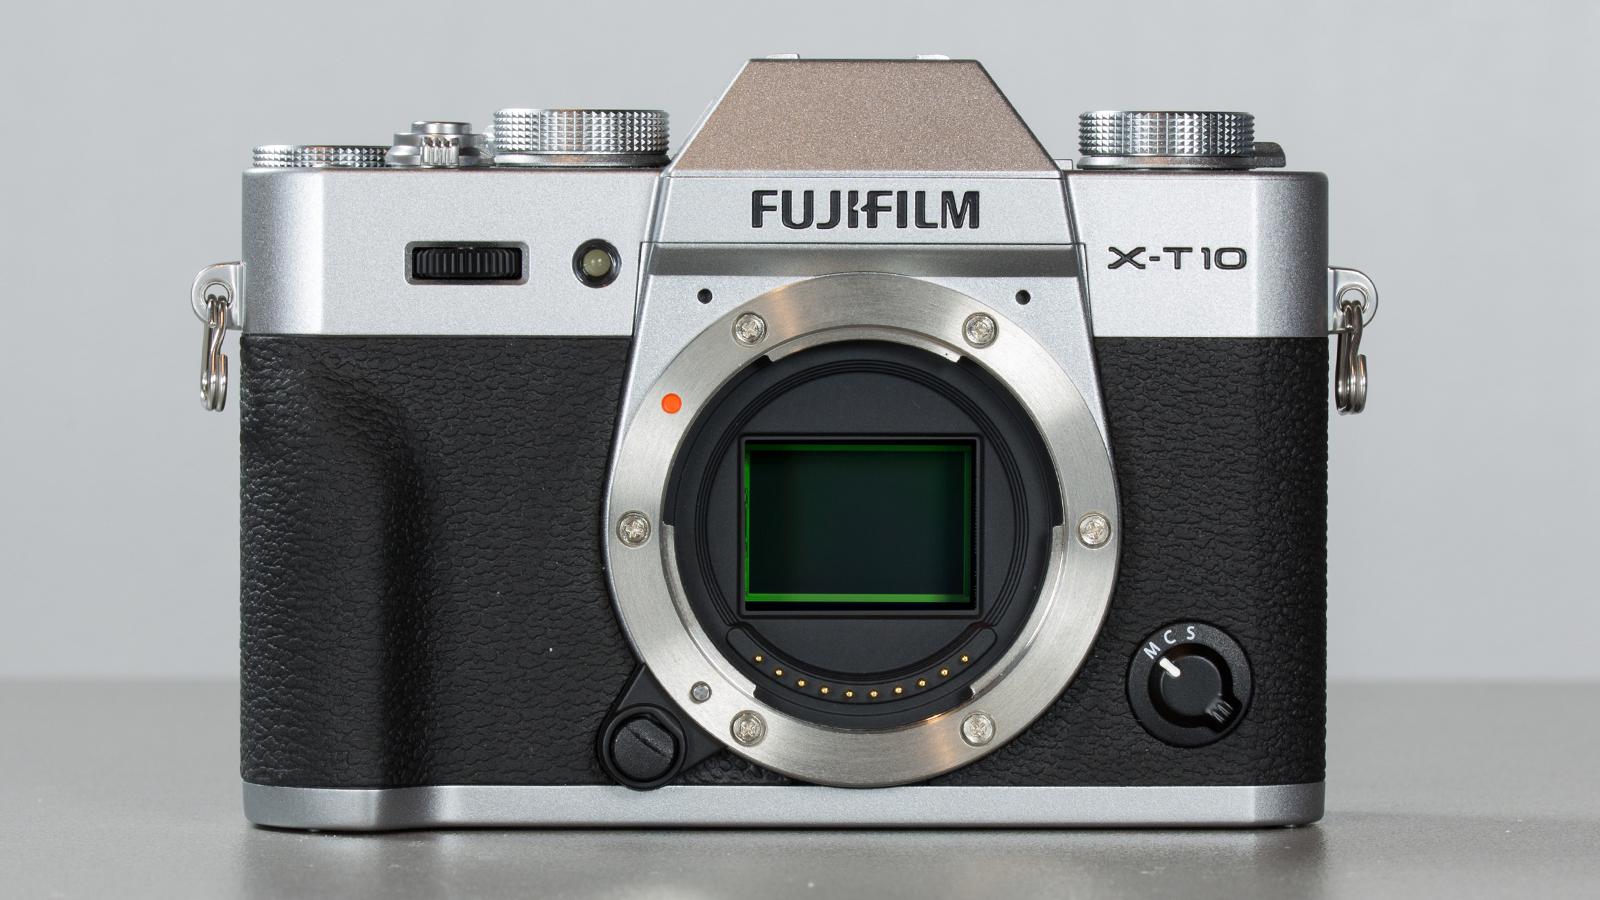 Fujifilm-X-T10-DT-007-kere-eest